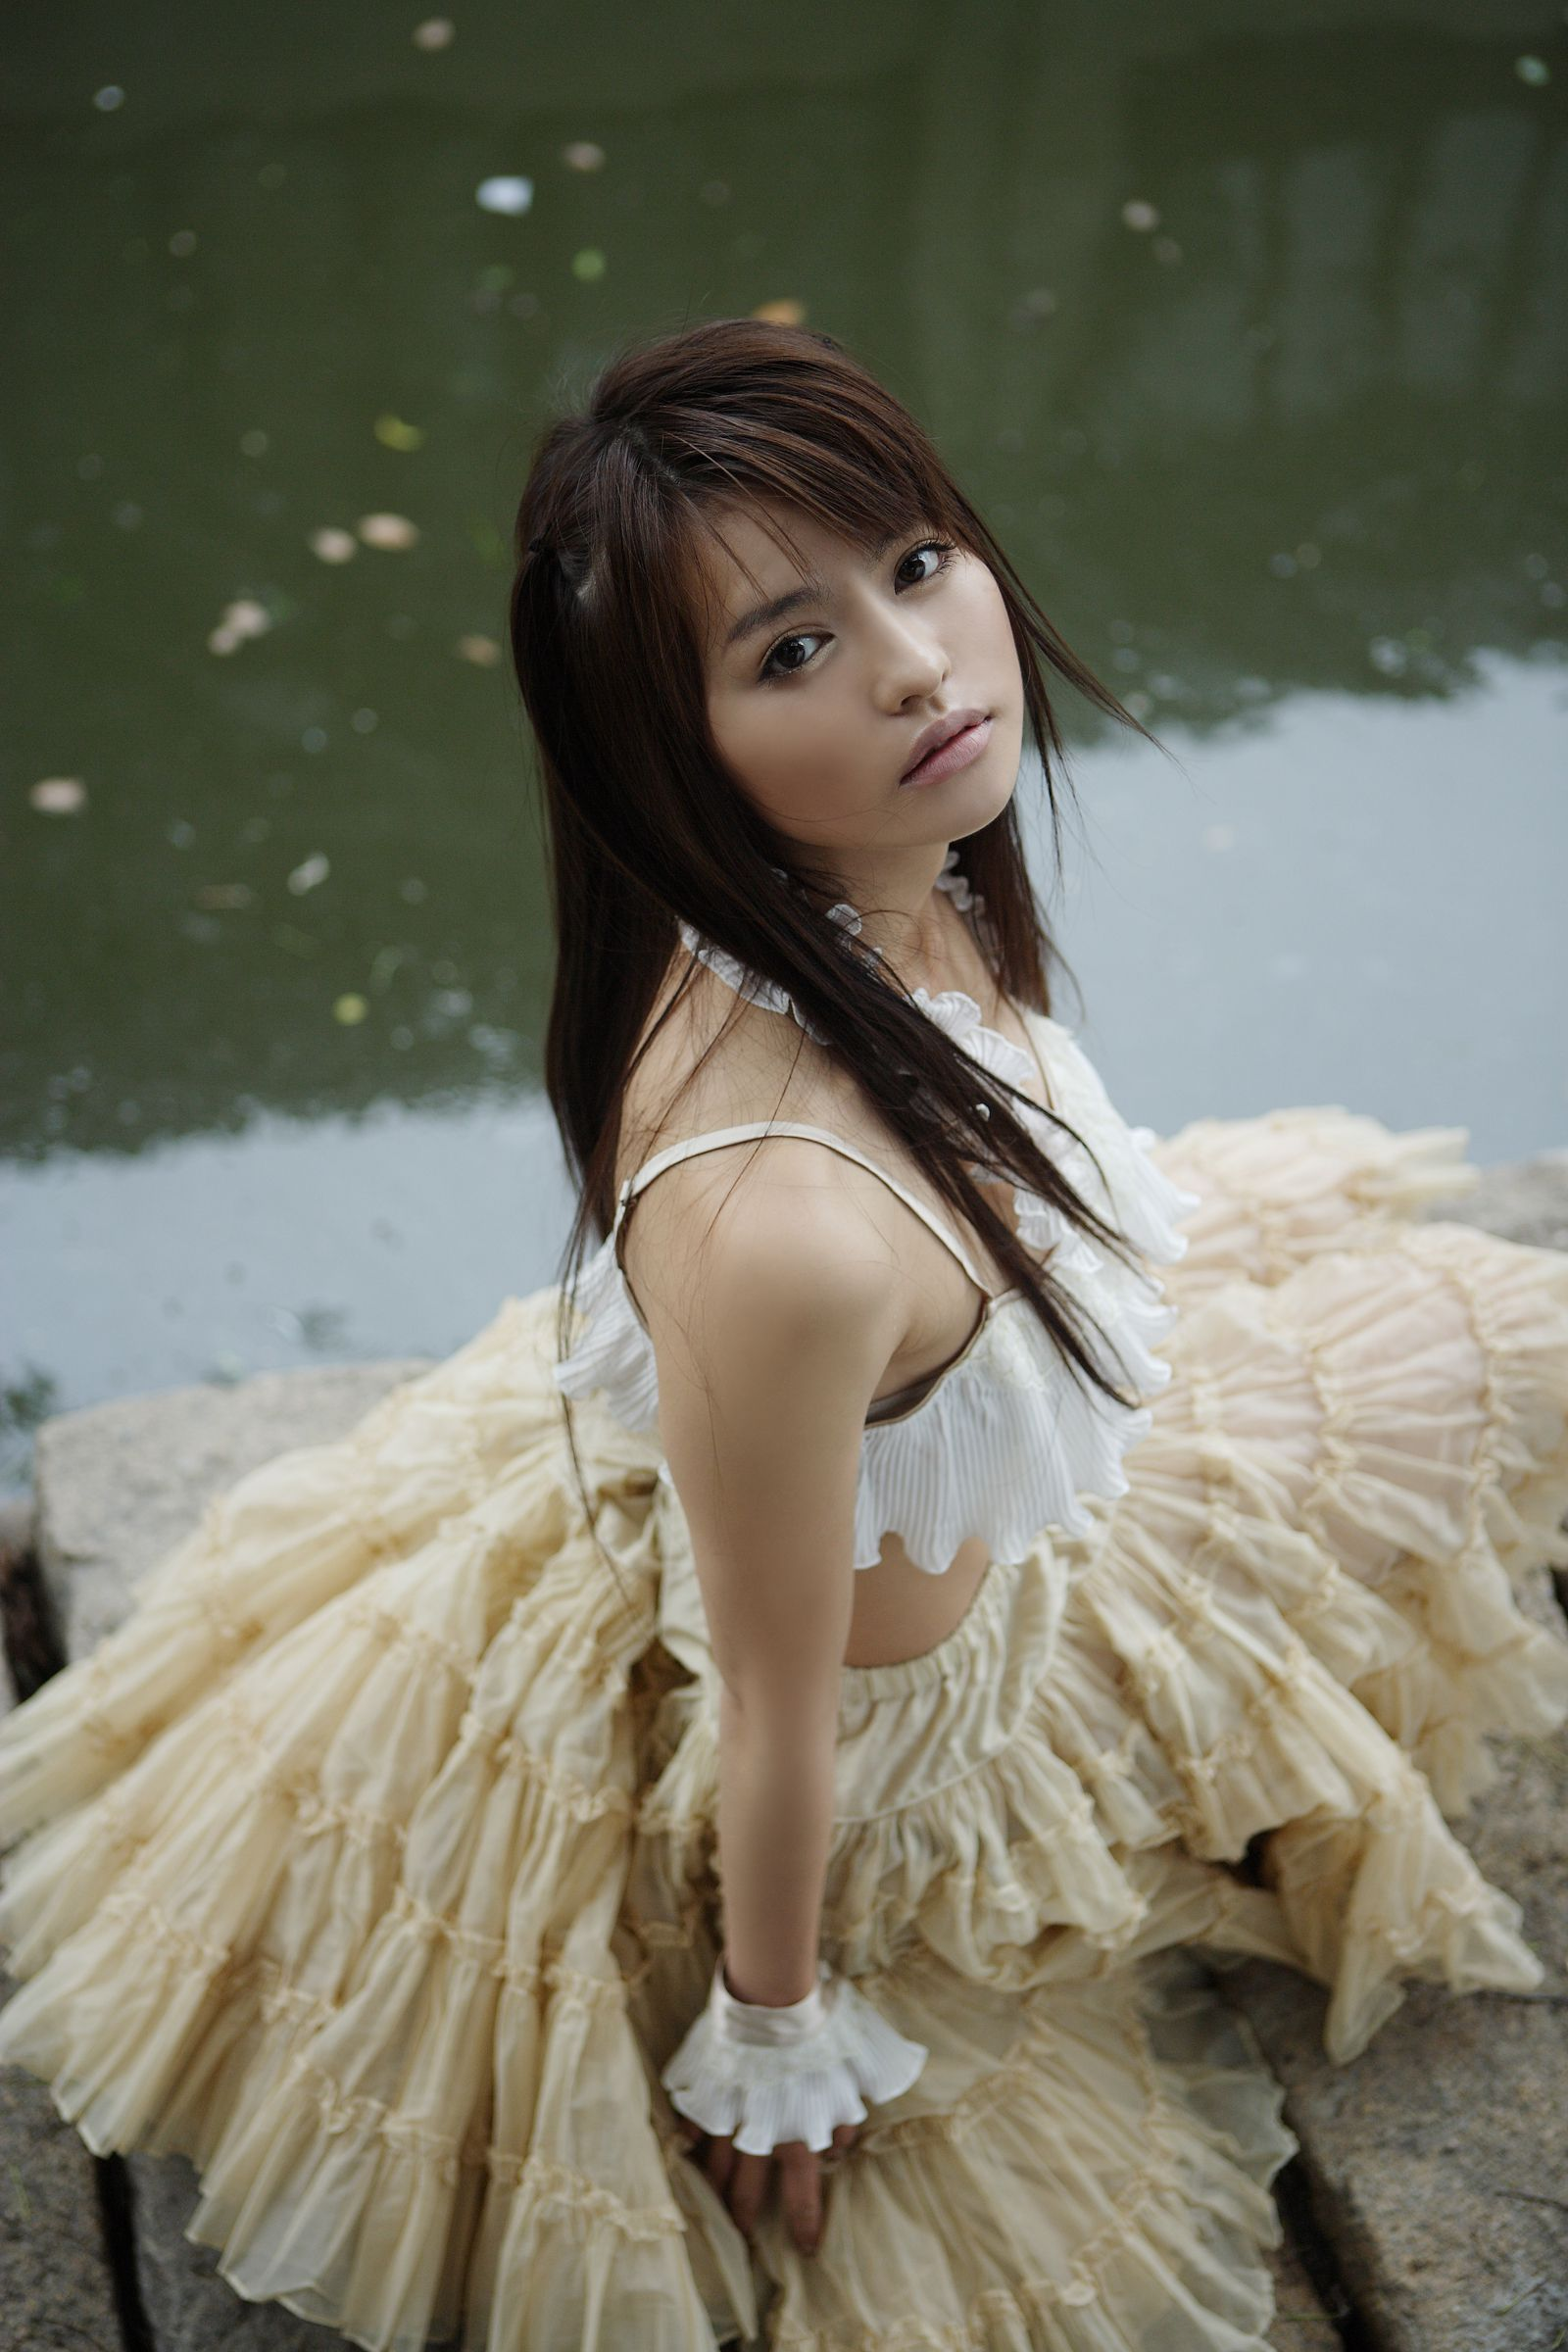 白鸟百合子、しらとり ゆりこ、Yuriko Shiratoni个人资料介绍,及其写真作品欣赏 美女精选 第12张